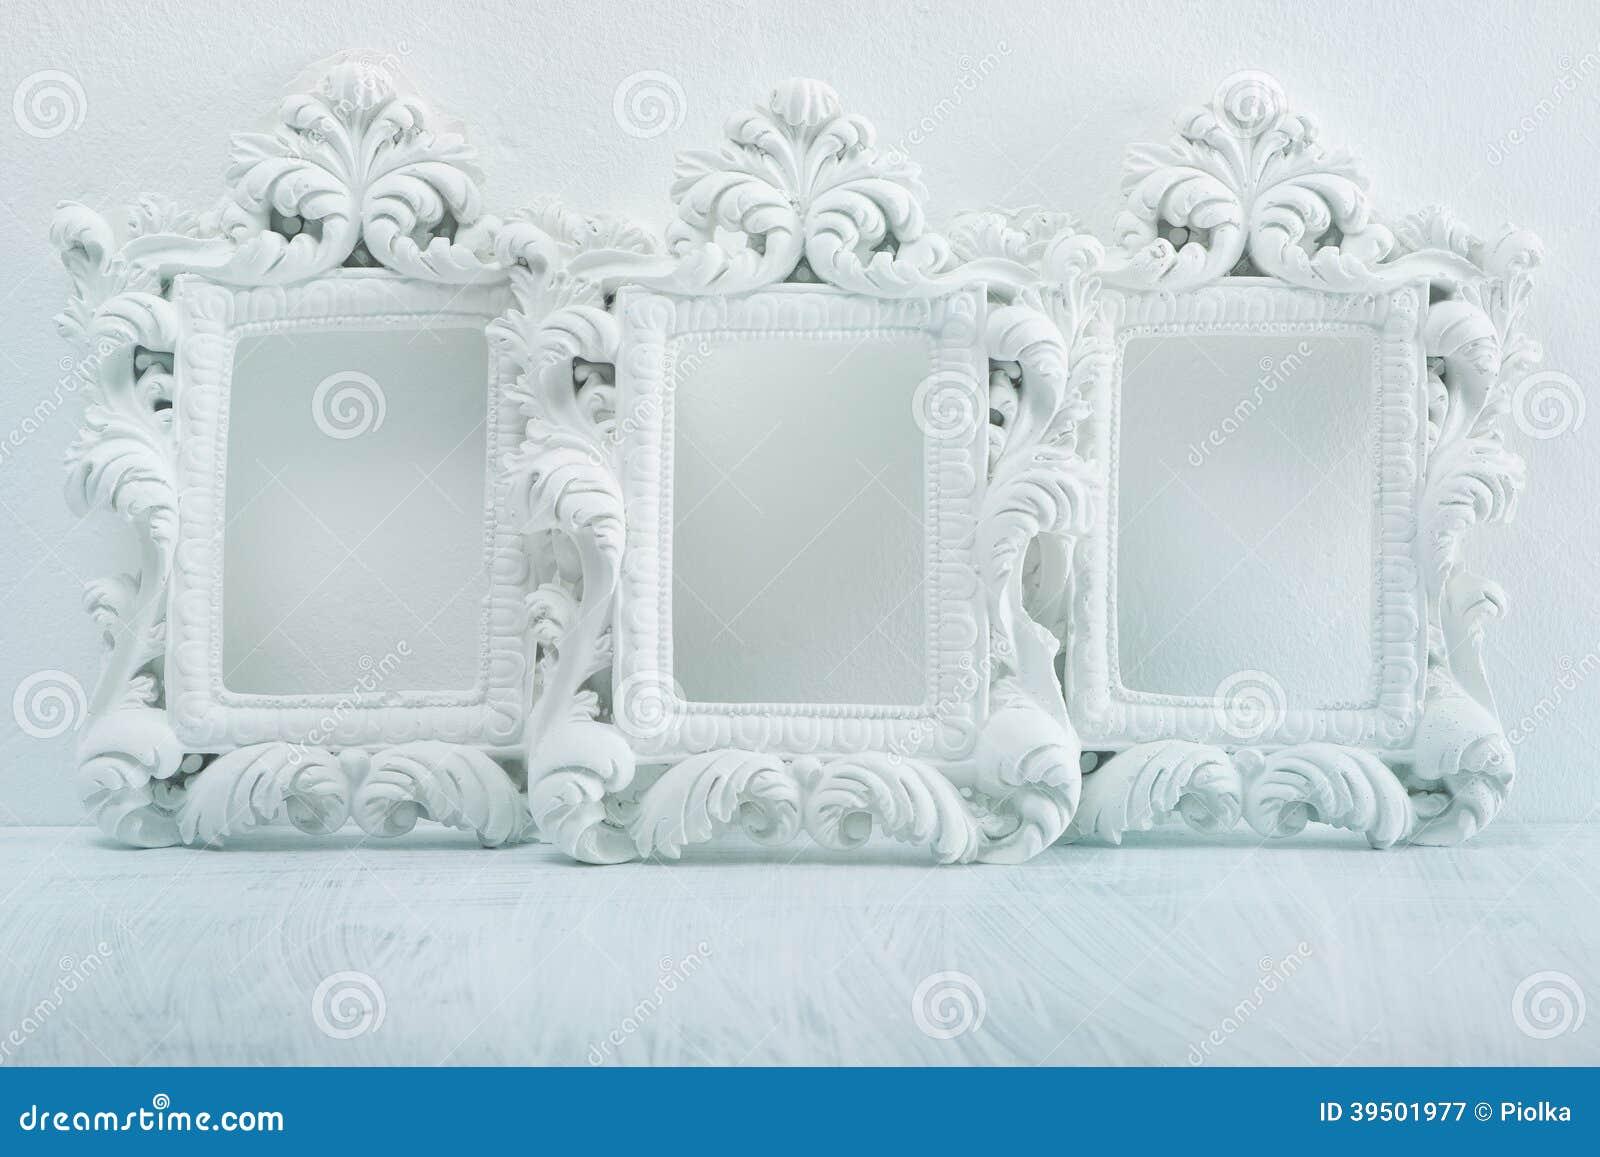 Vintage frame backround